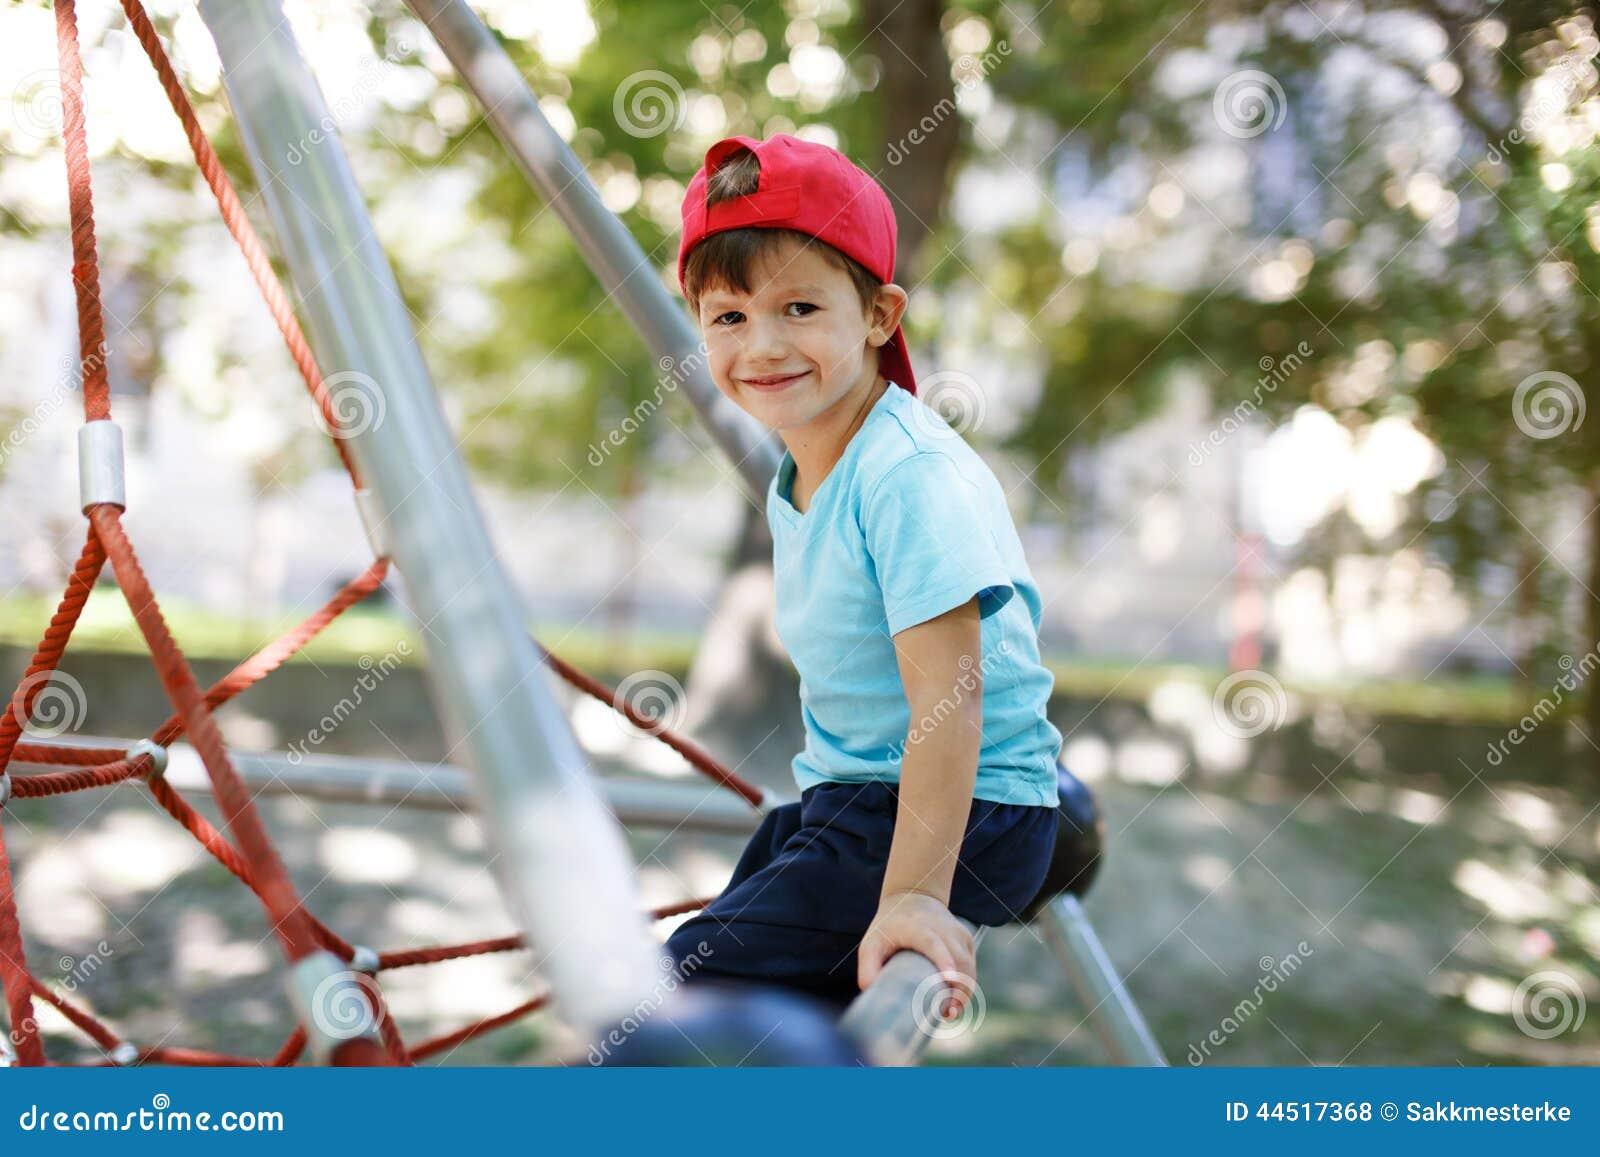 Weinig jongen in GLB zit op wildernisgymnastiek